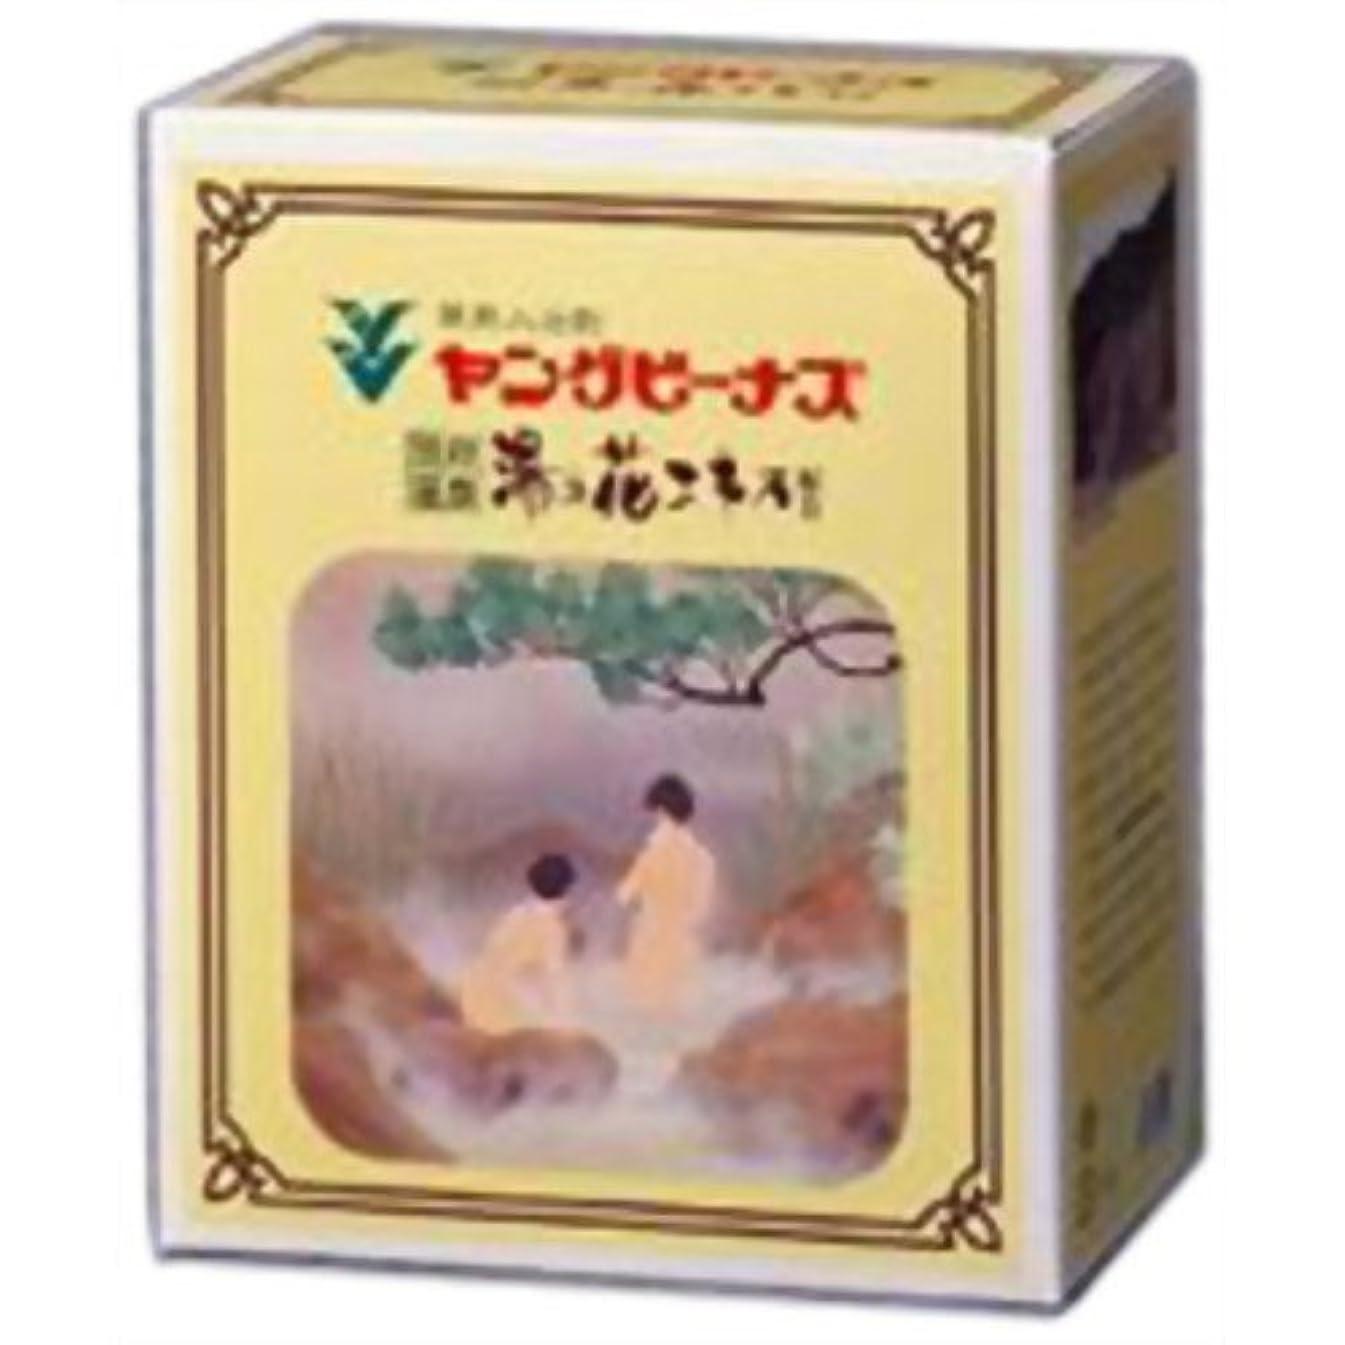 接続された解釈する瞑想ヤングビーナス 入浴剤 CX-20 1.6kg